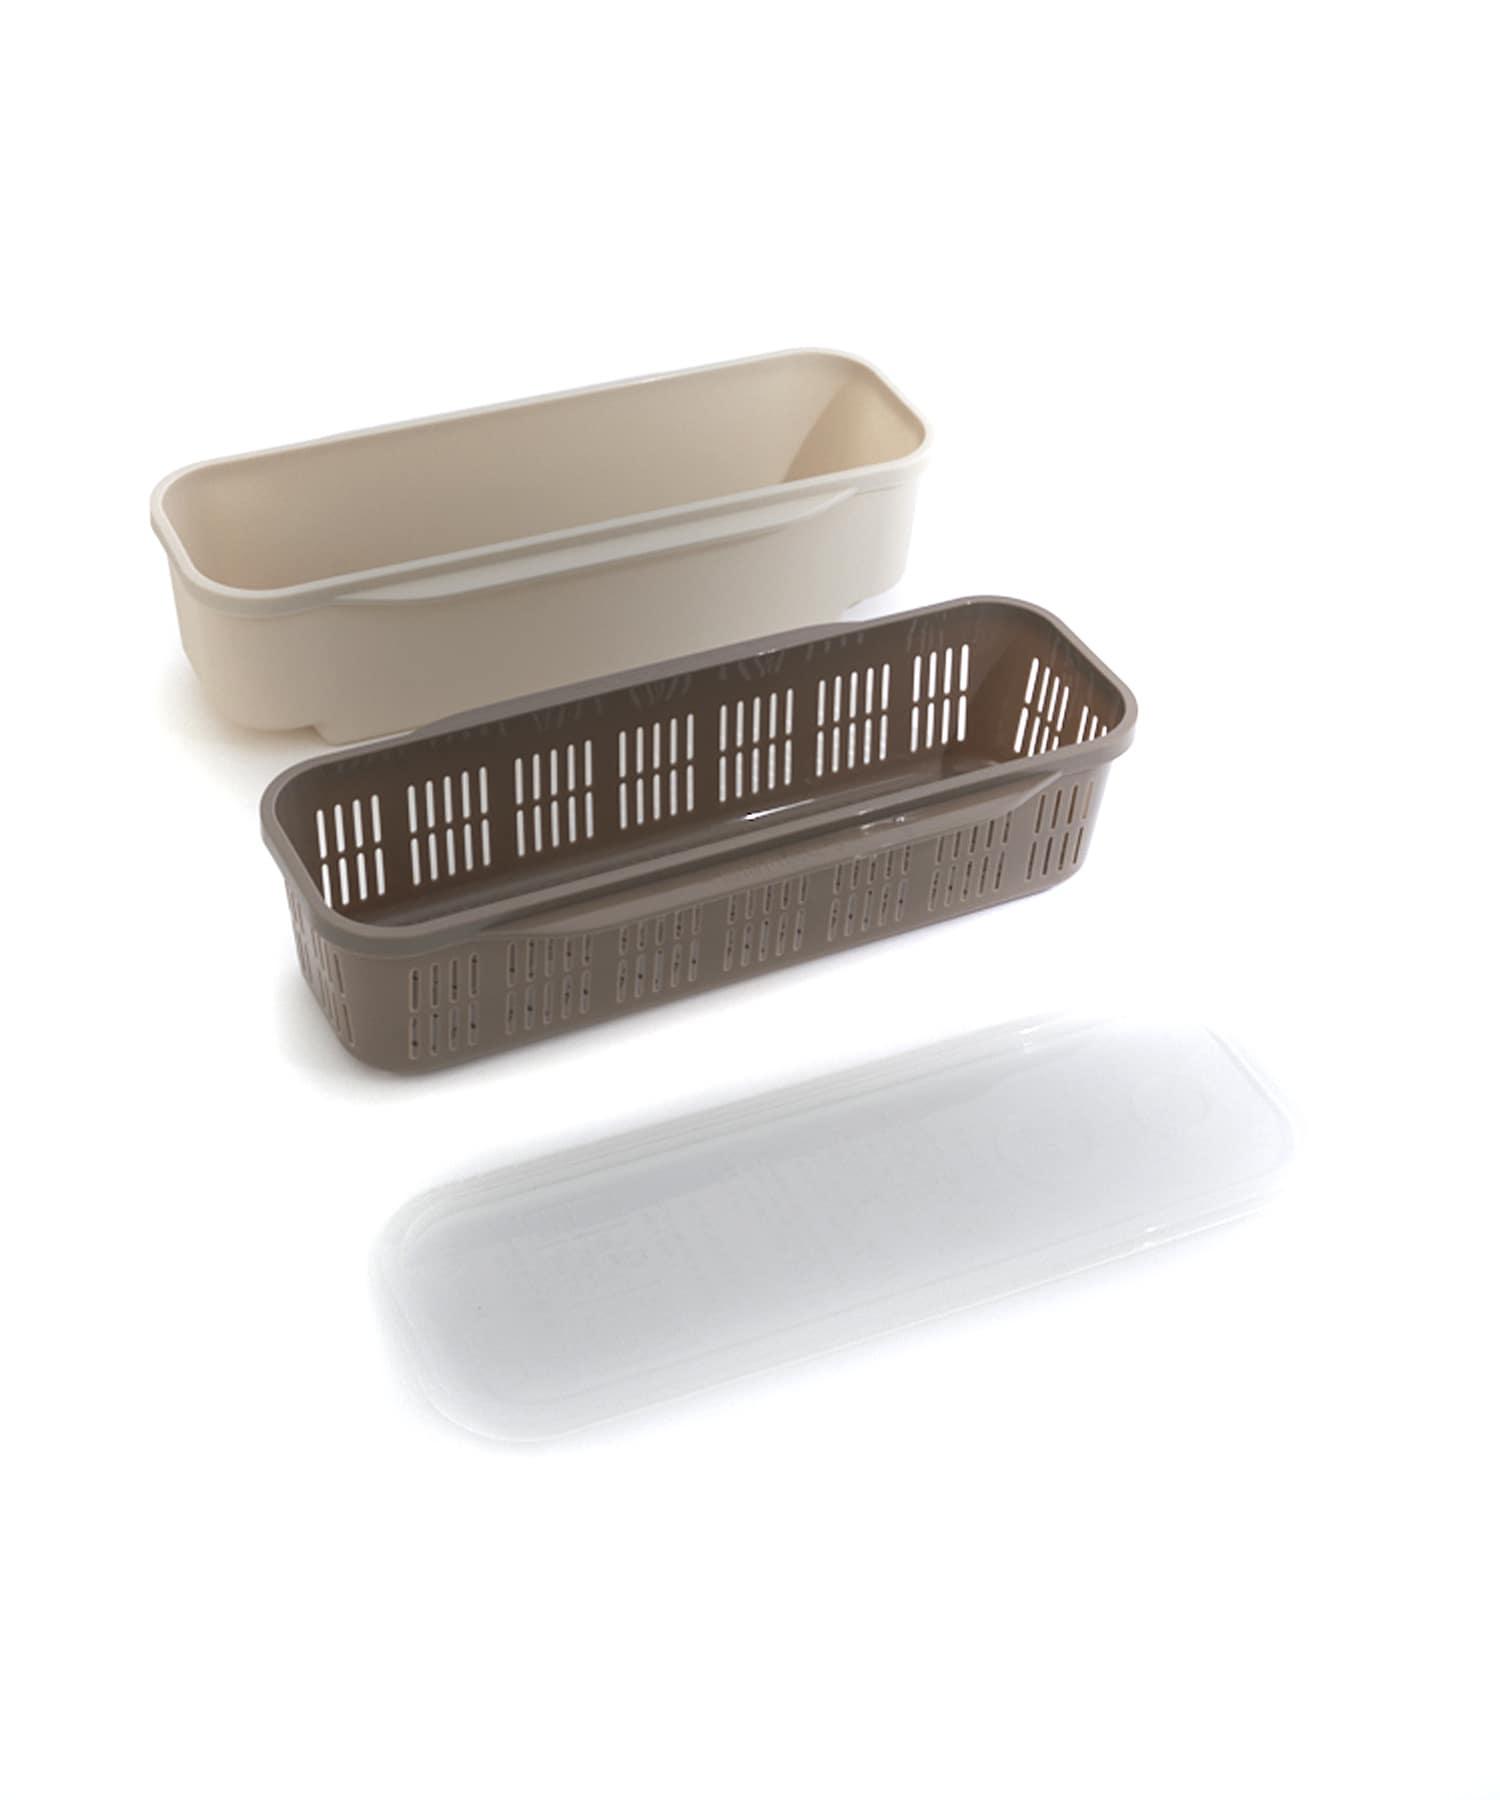 3COINS(スリーコインズ) 【パスタを手軽にレンジで調理!】パスタメーカー